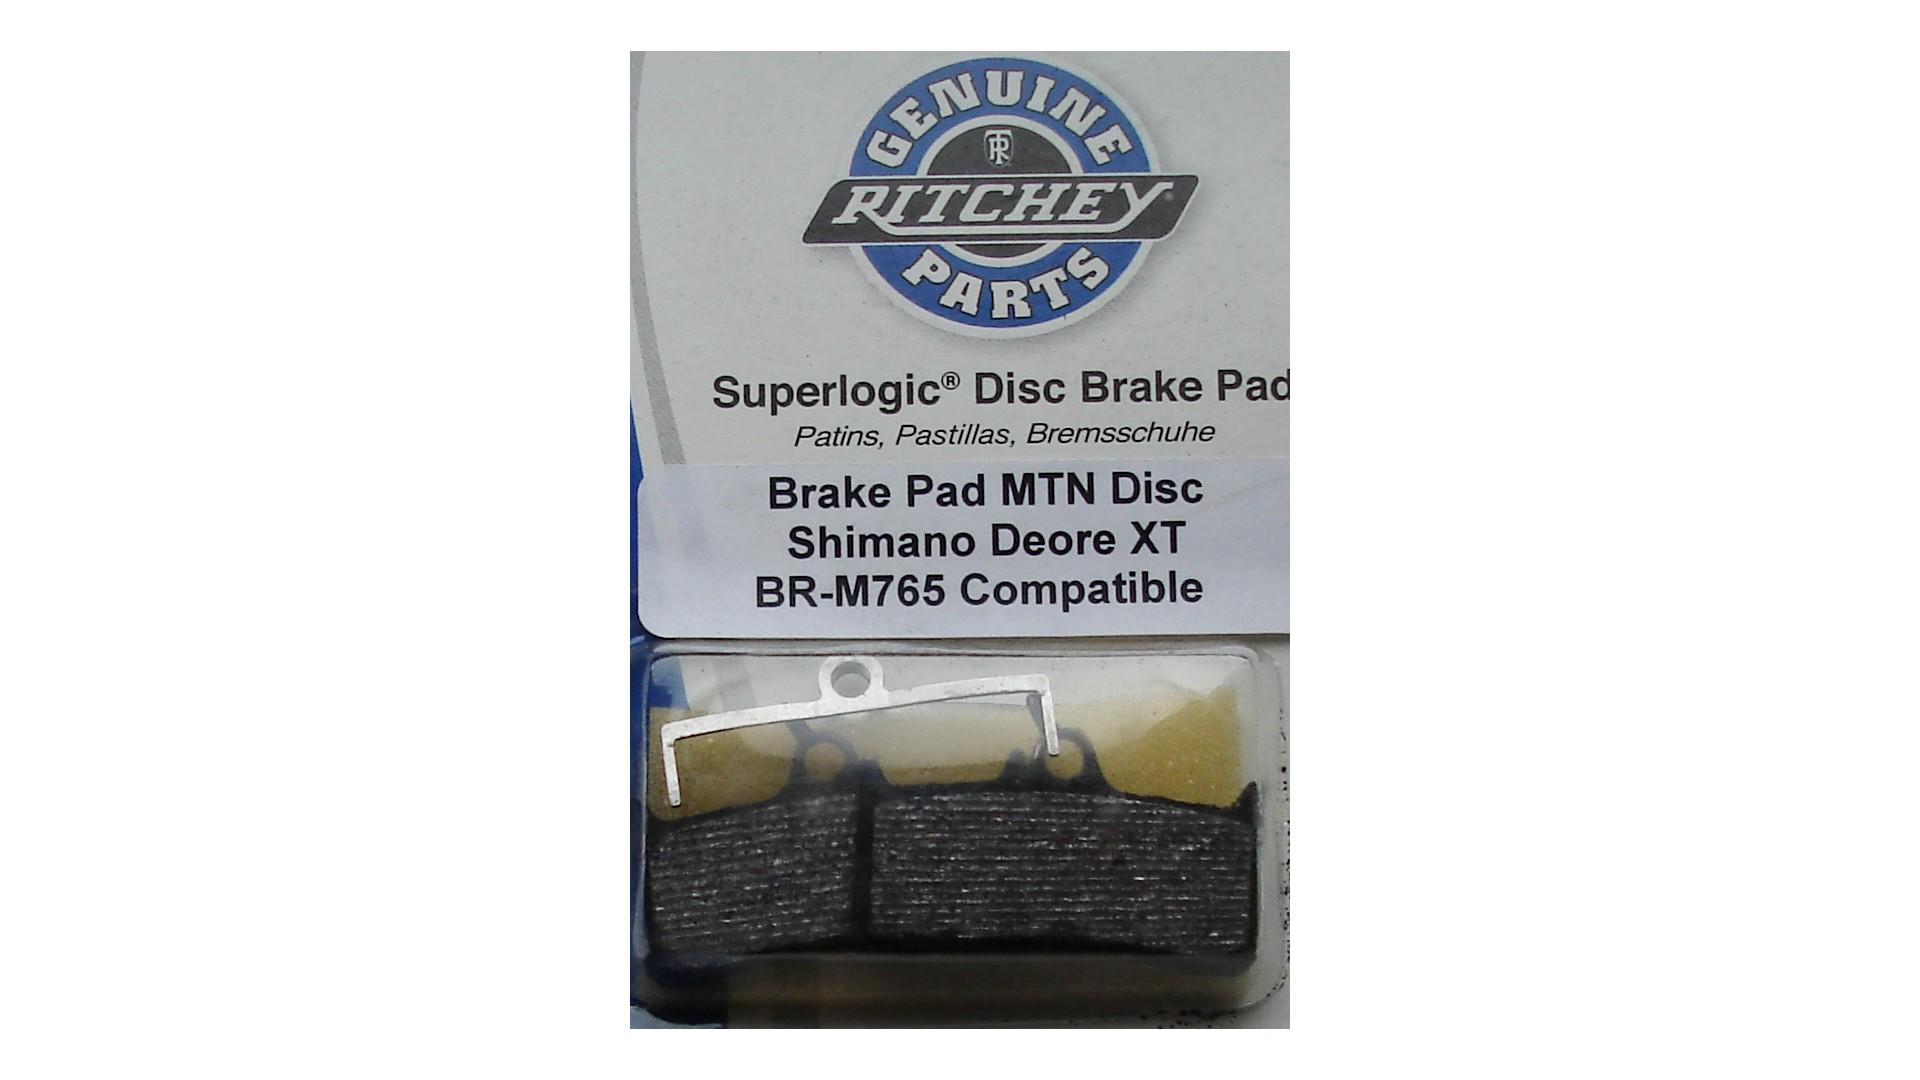 Тормозные колодки Ritchey Brake Pads MTN Disc  Deor XT, BR-M765 для дискового тормоза